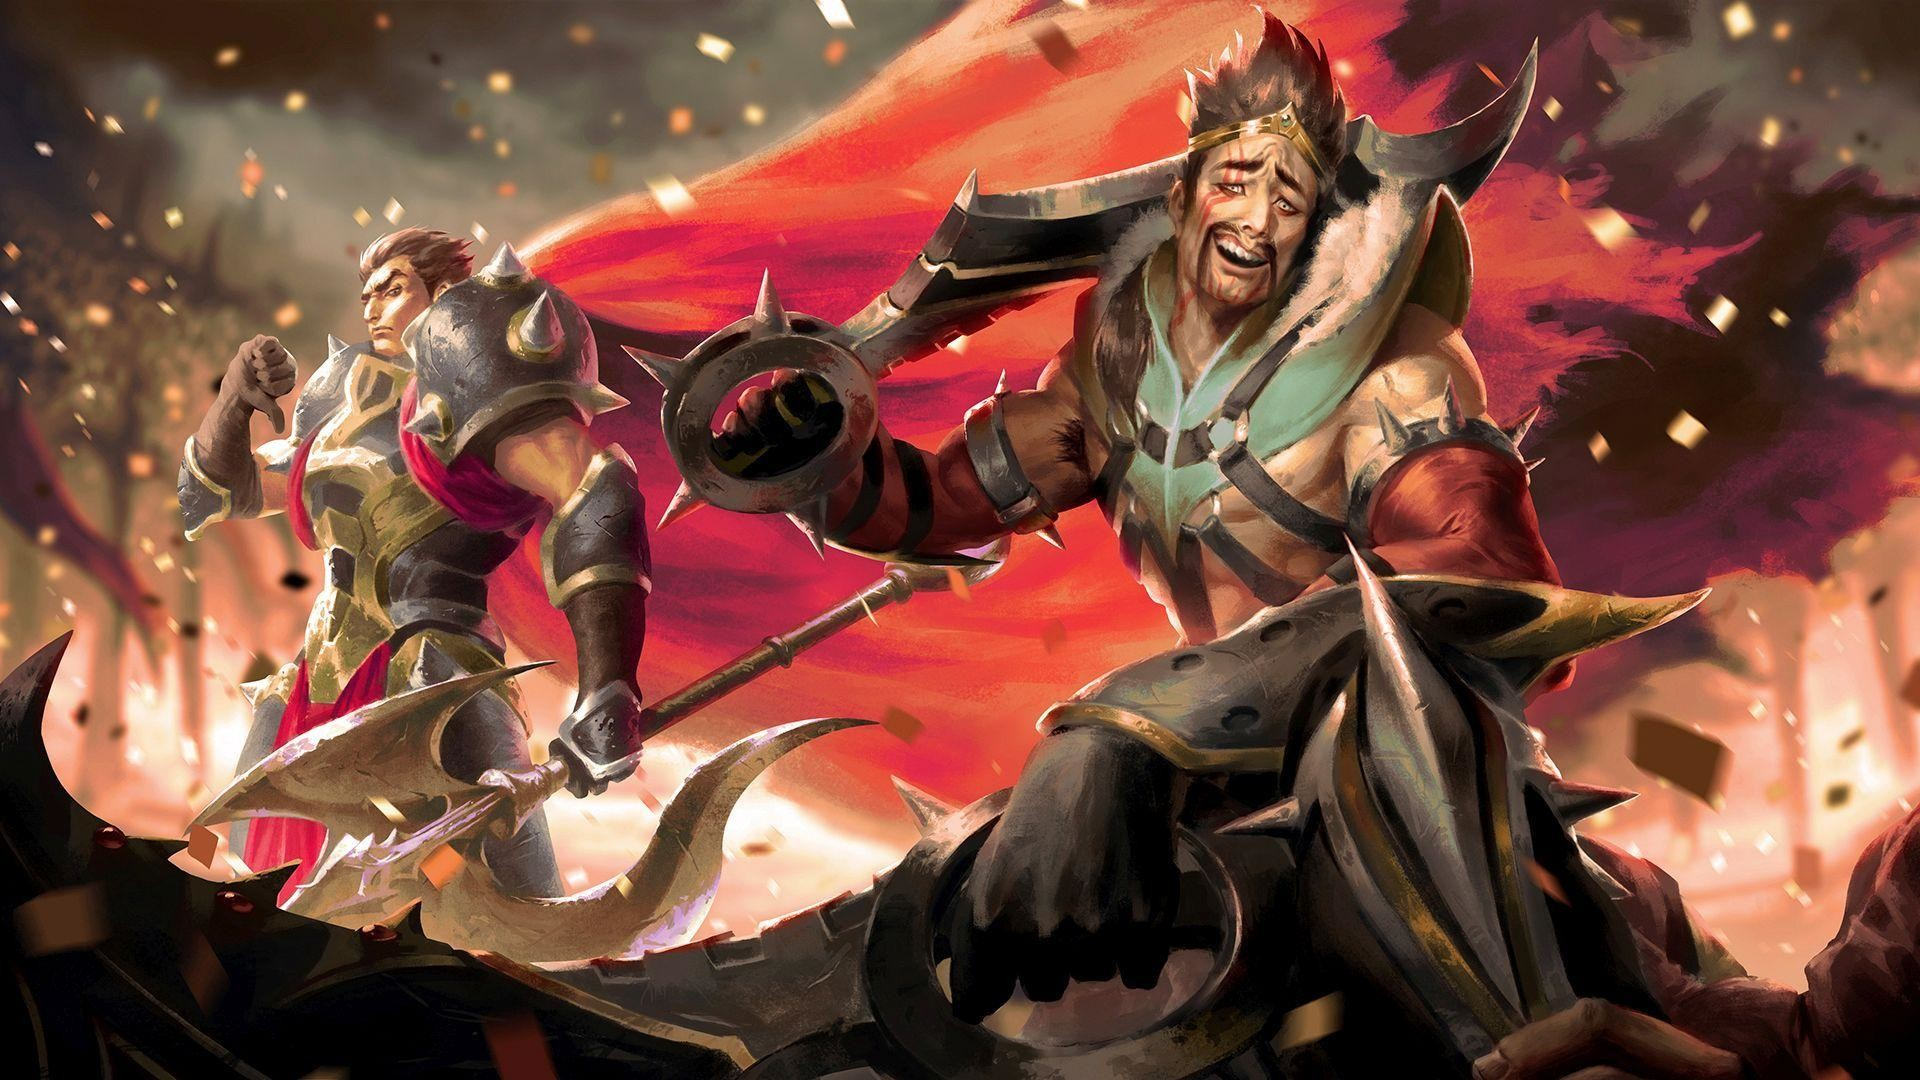 Darius-and-draven-league-of-legends.jpg (1920×1080) | League of Legends |  Pinterest